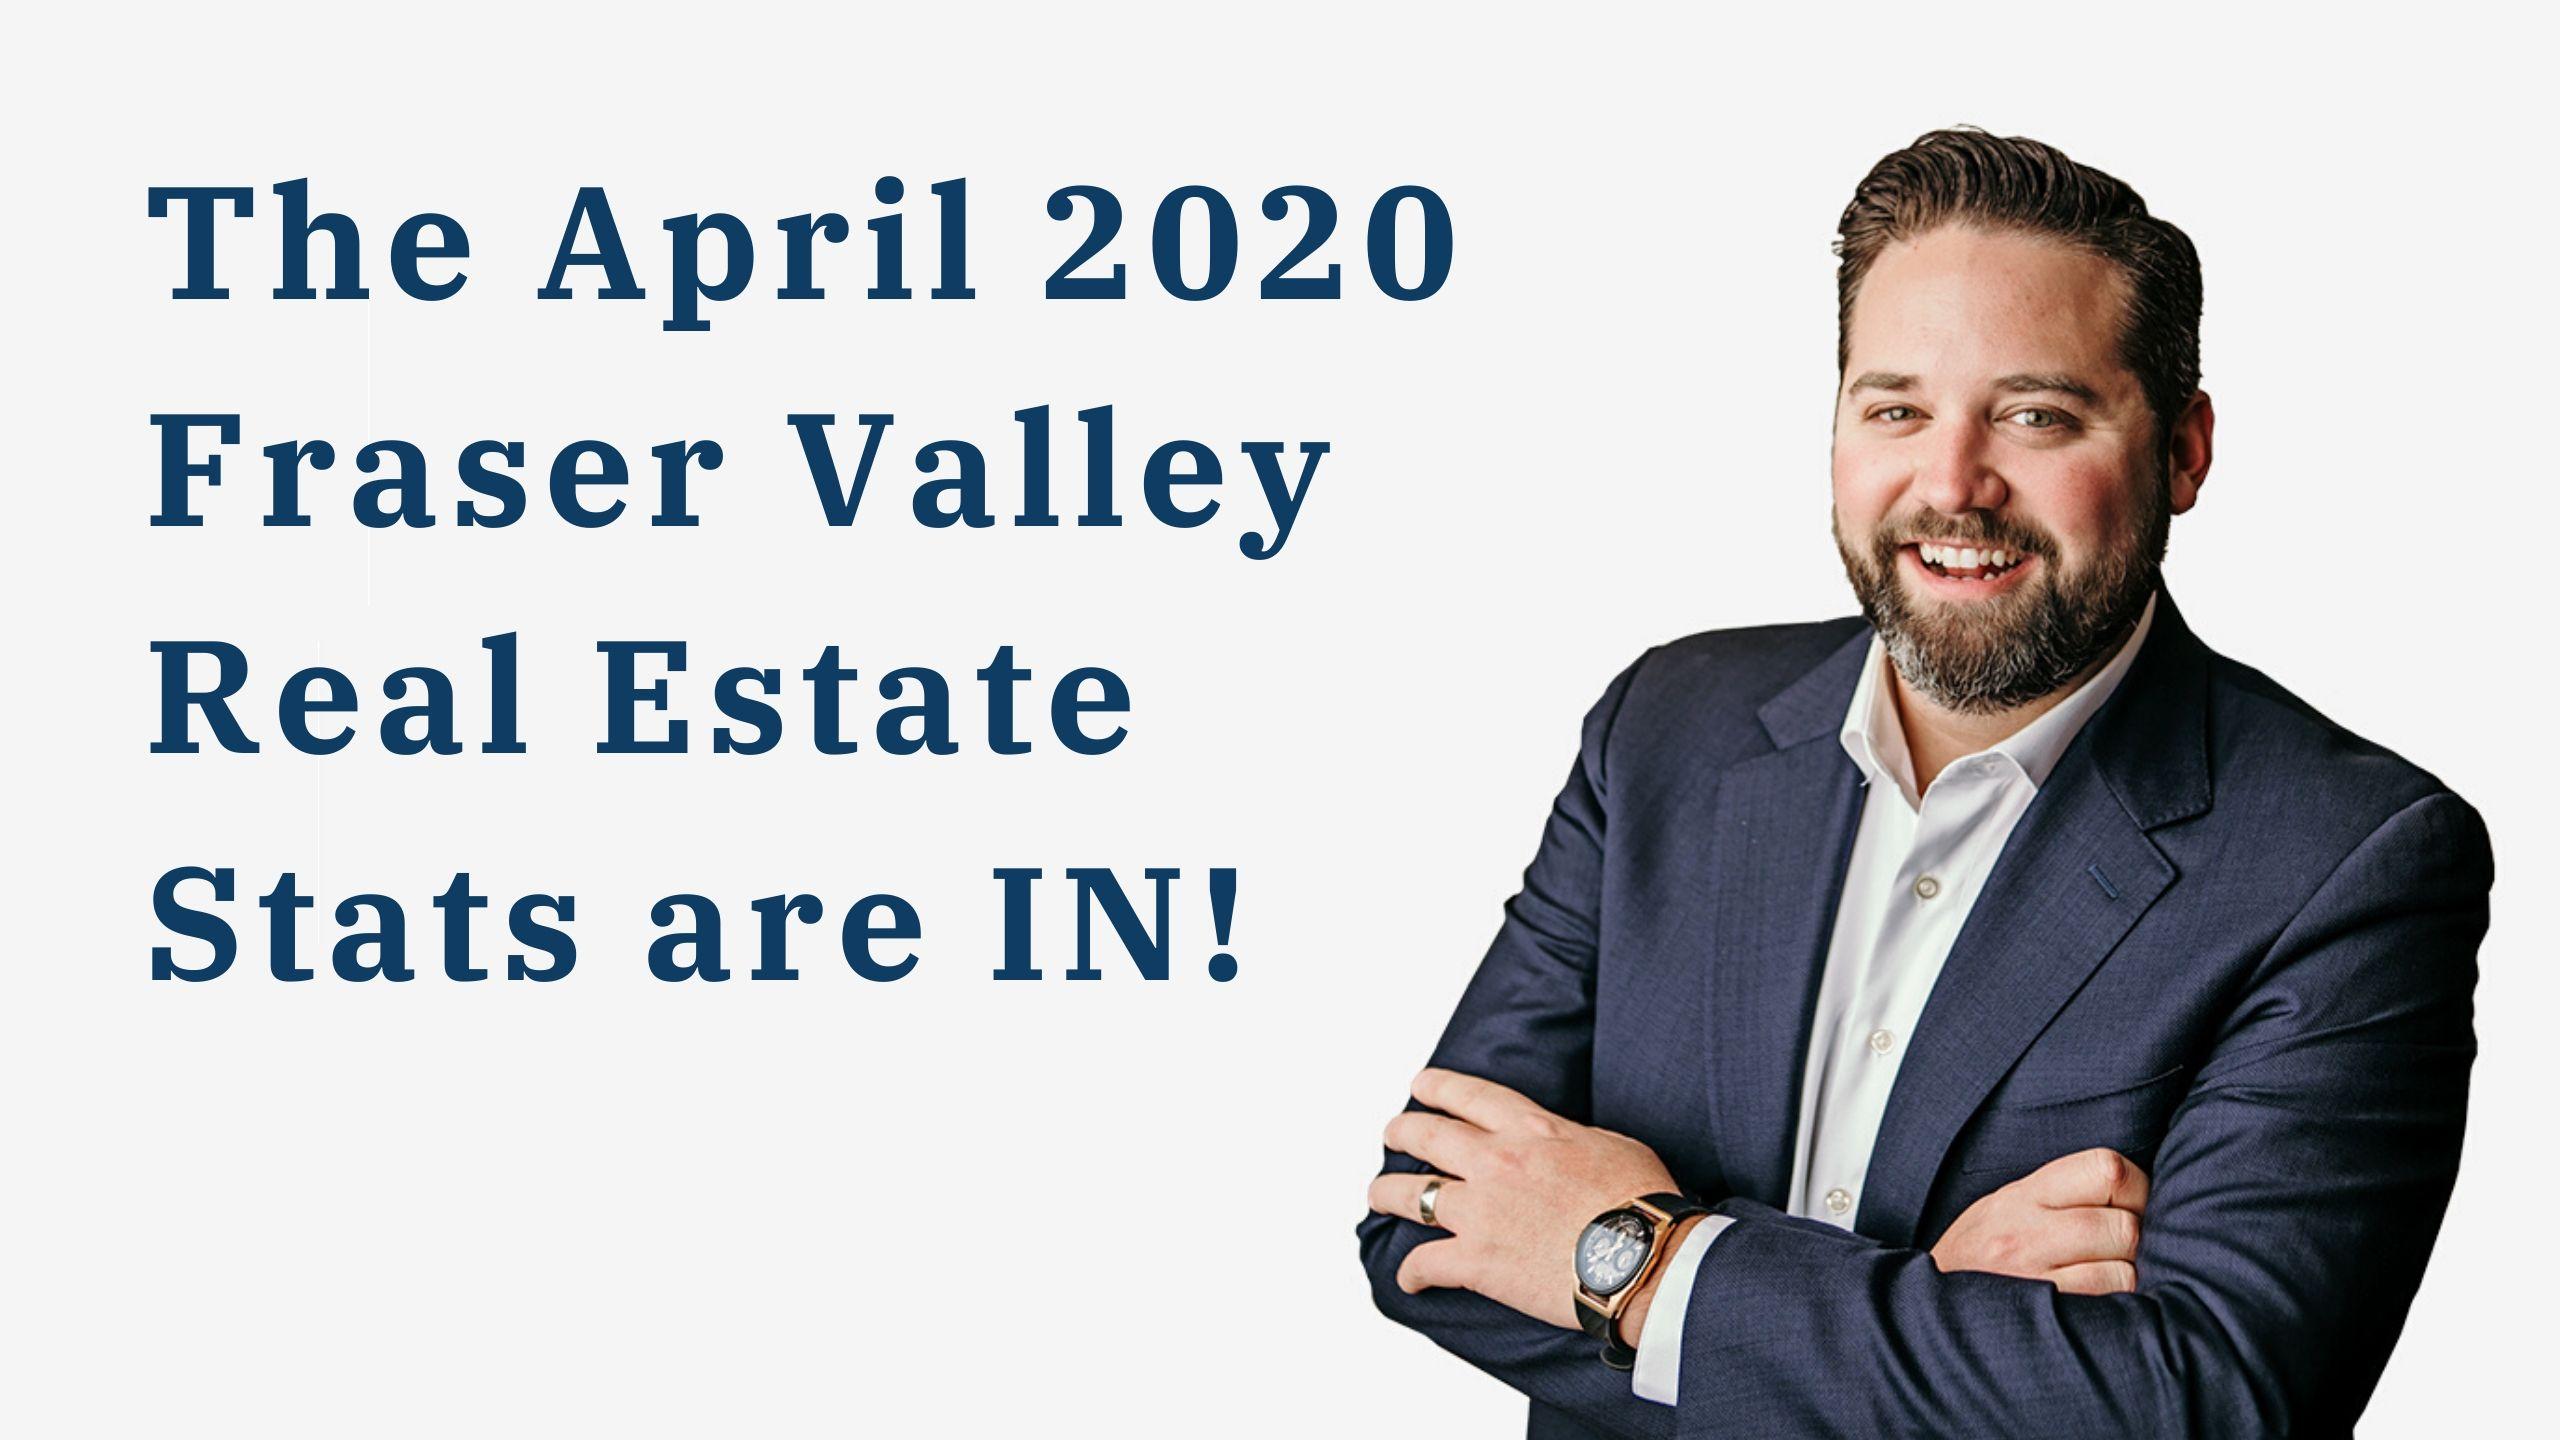 Fraser Valley Real Estate Stats 2020 April